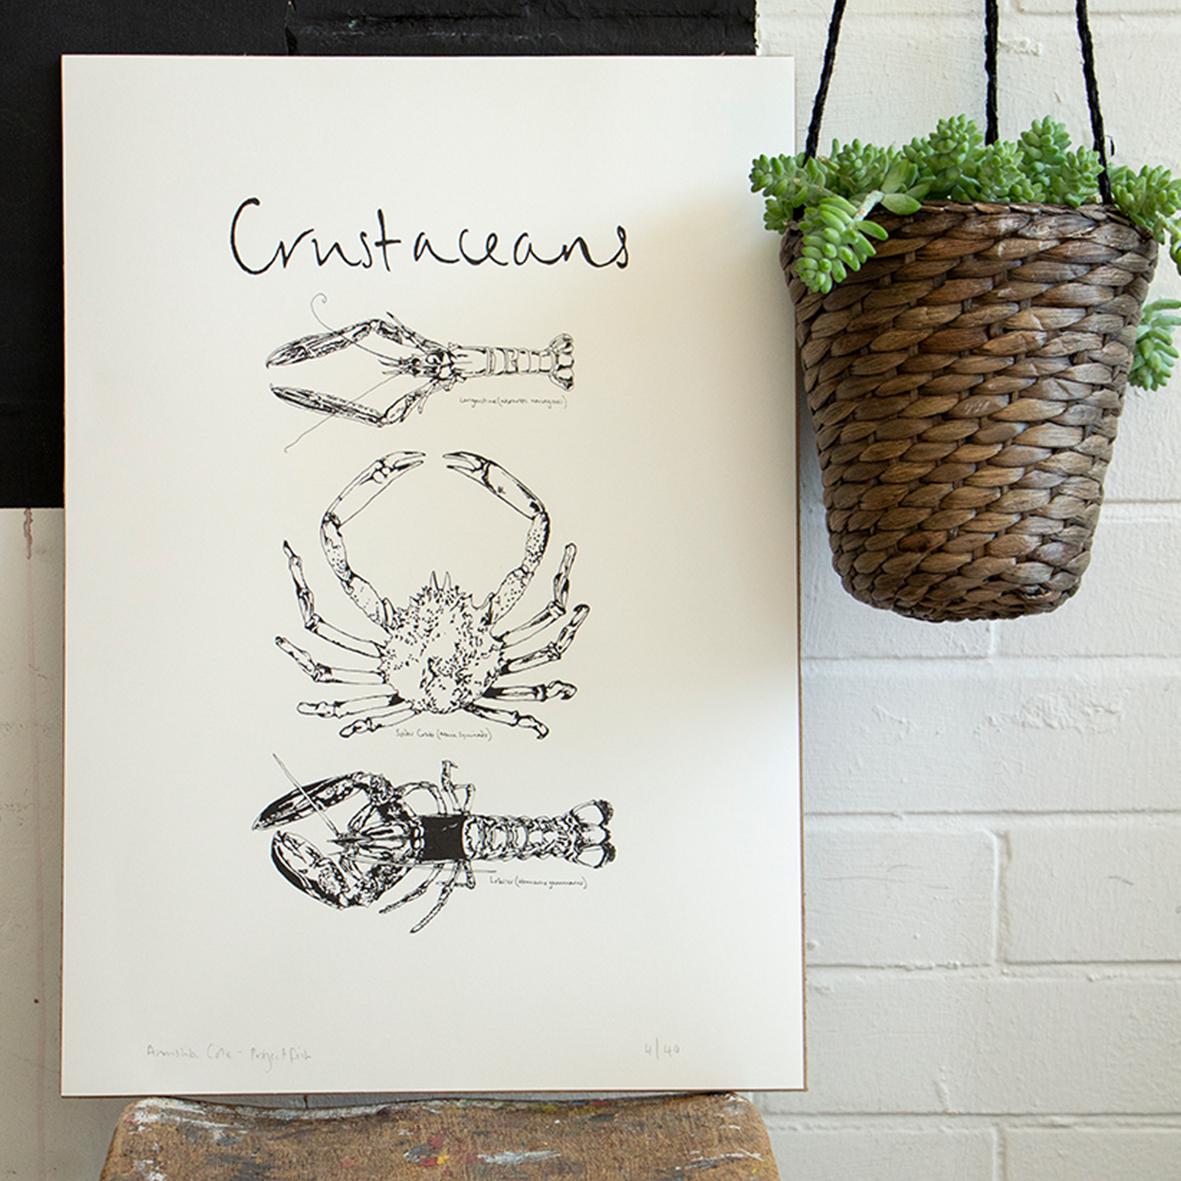 crustaceans square.jpg